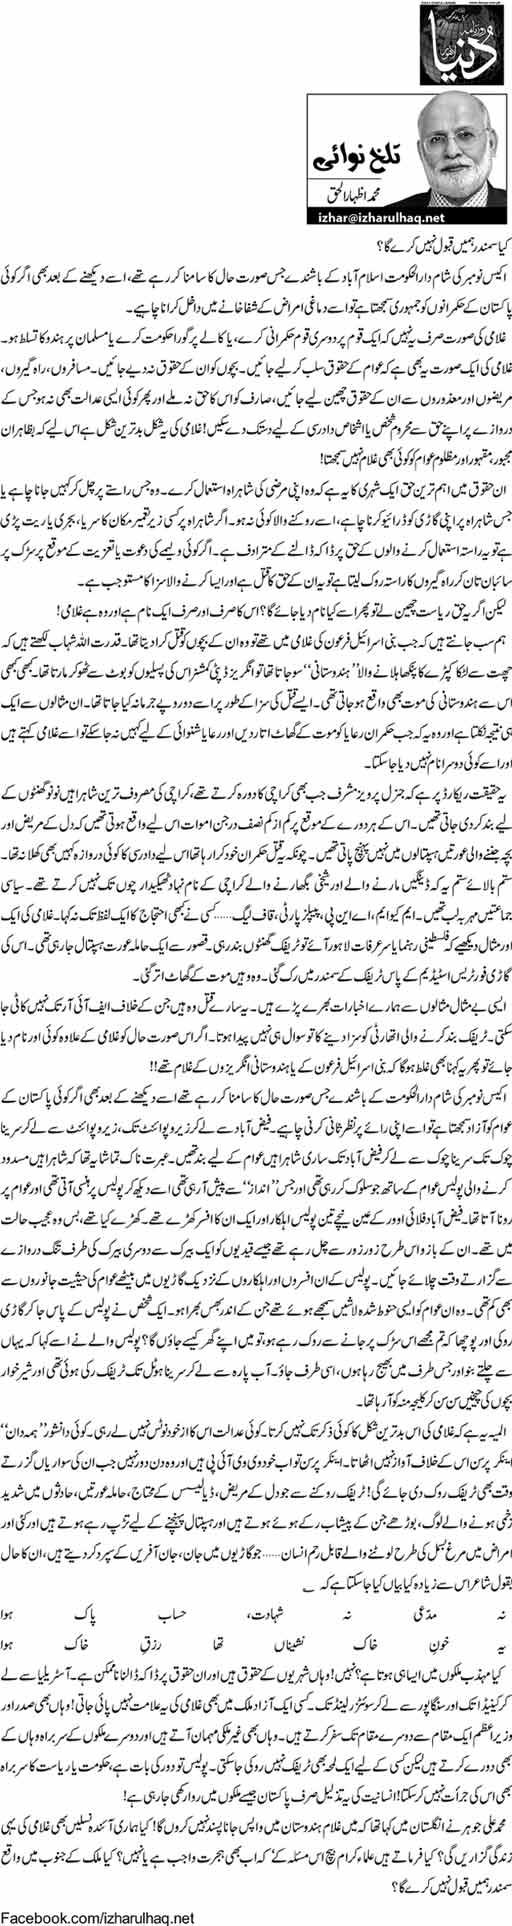 Kya samandar hamain qubool nahi karay ga? - M. Izhar ul Haq